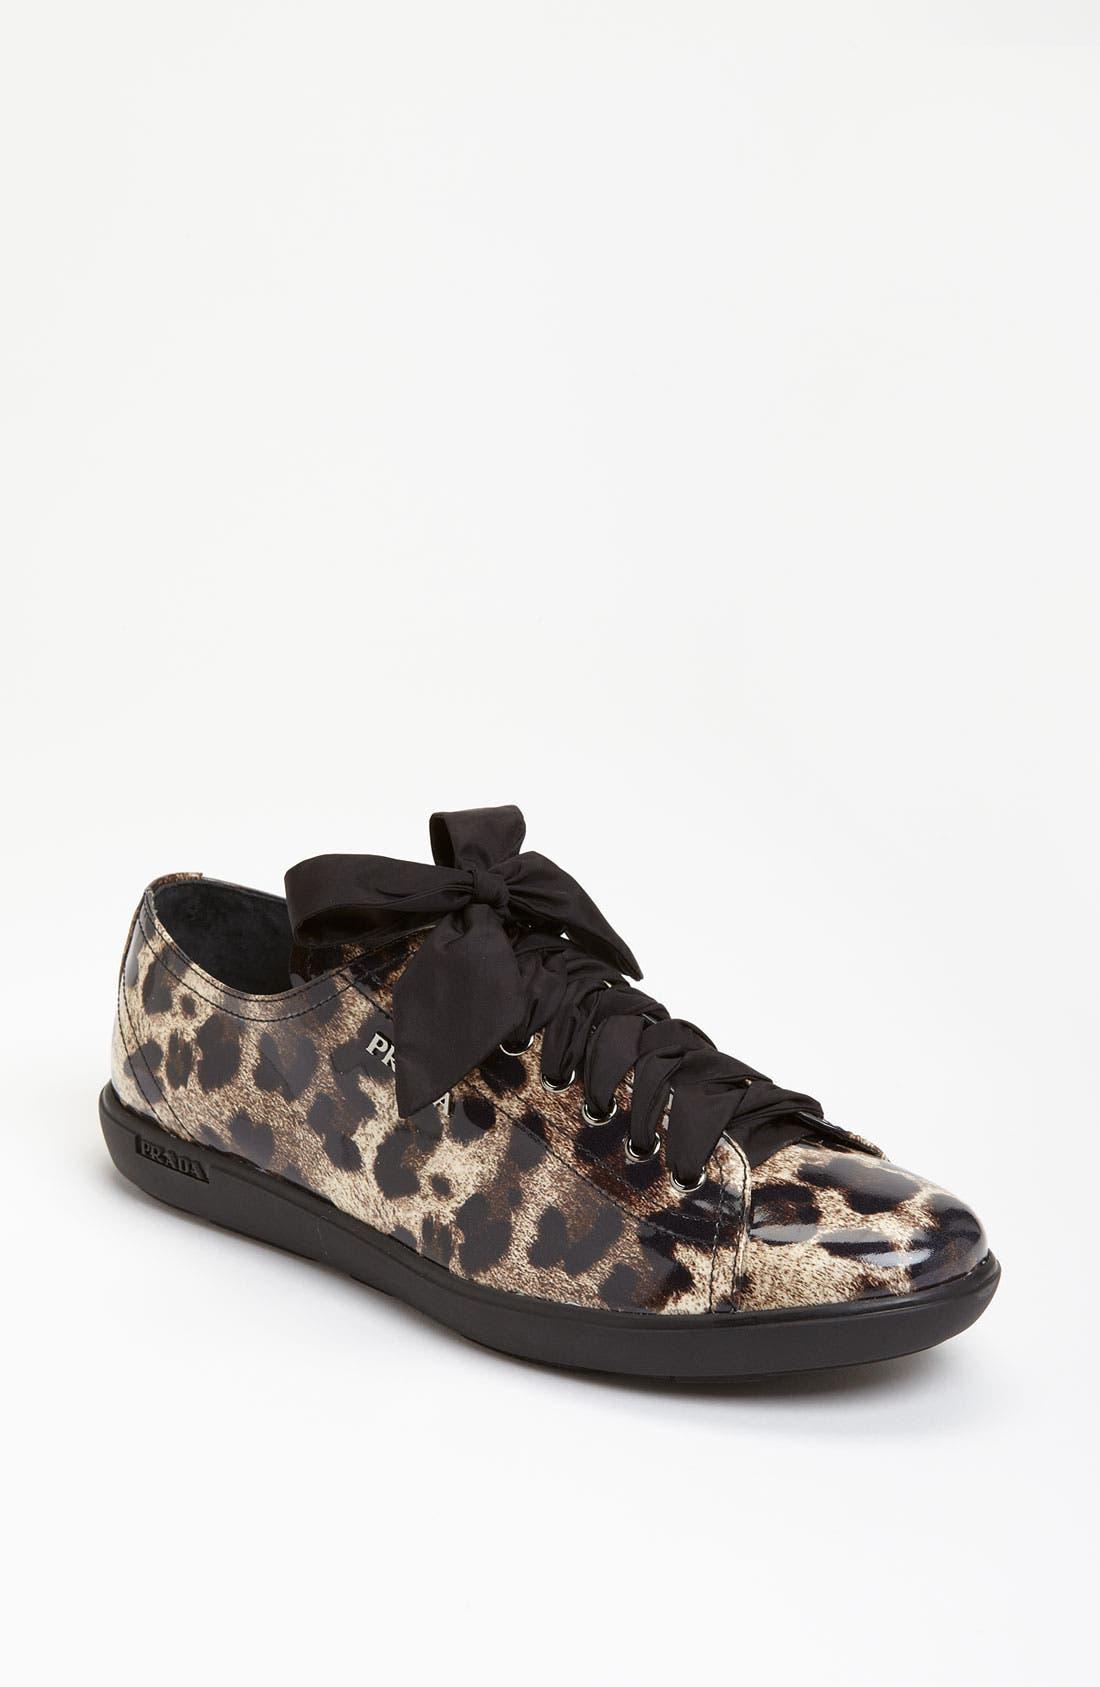 Alternate Image 1 Selected - Prada 'Puff' Sneaker